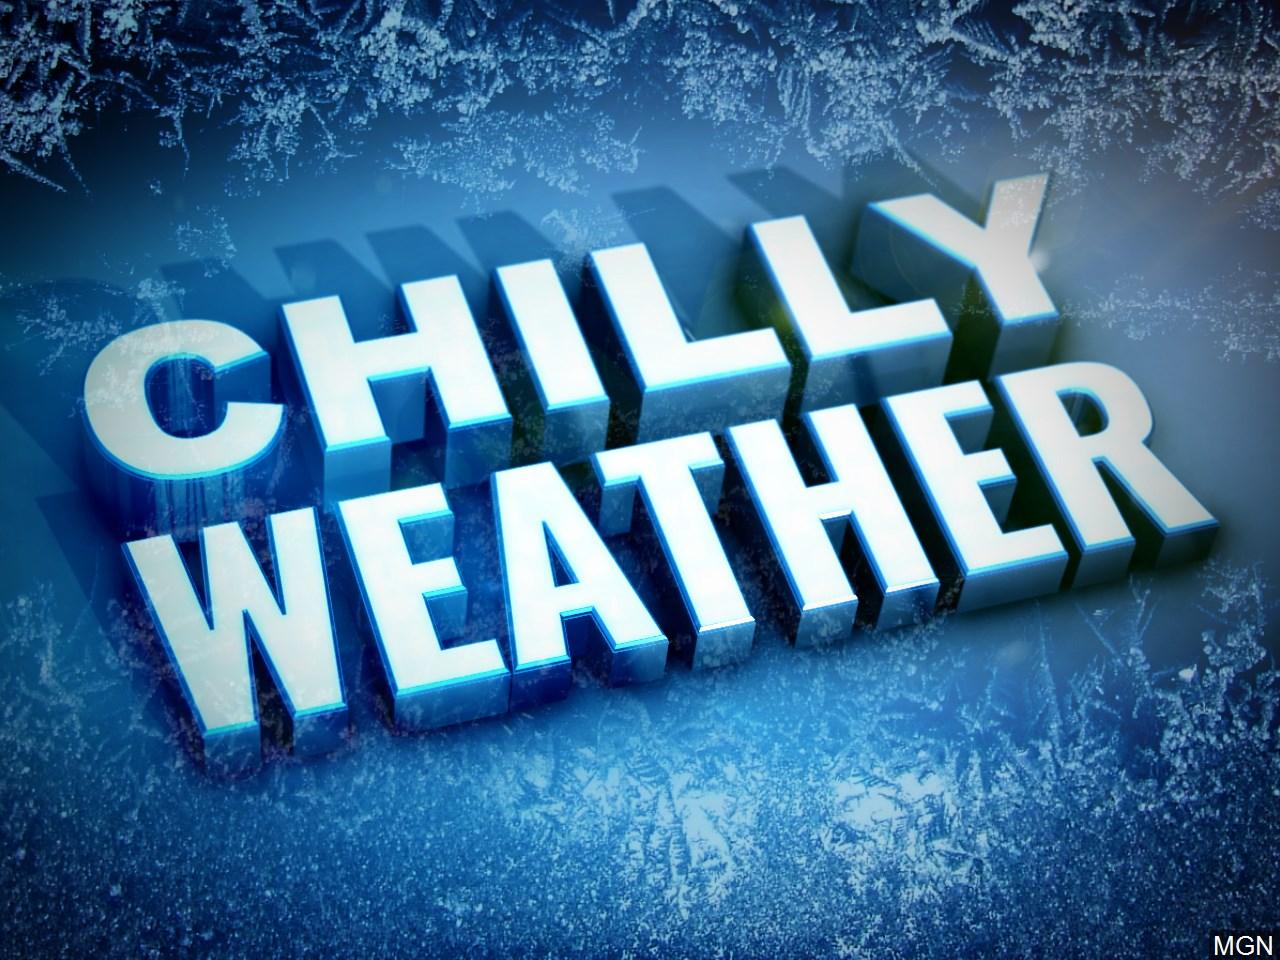 chilly weather_1542225394548.jpg.jpg